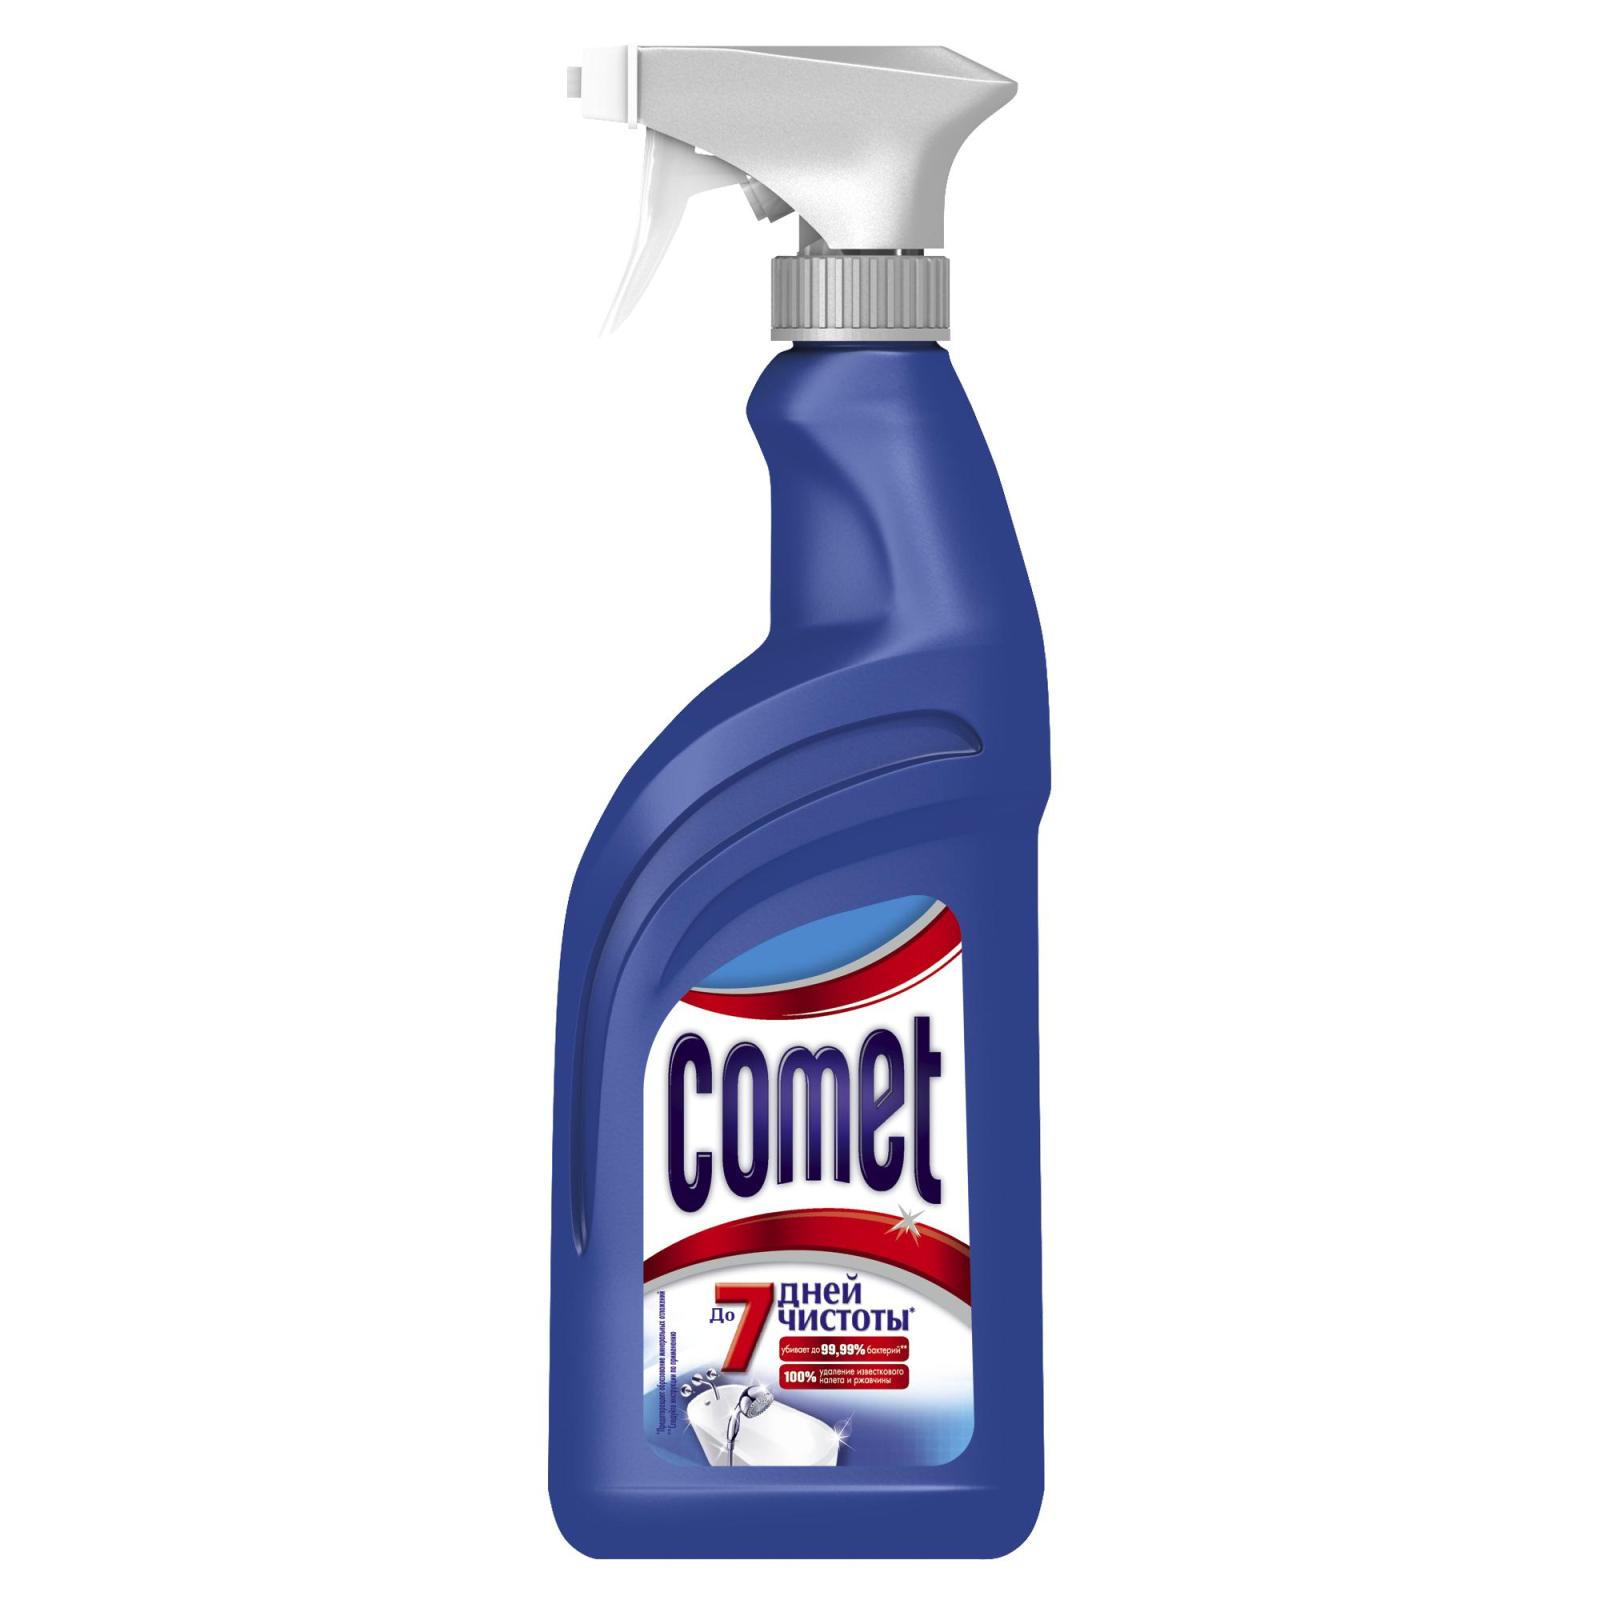 Чистящее средство Comet для ванной комнаты 500 мл (8001480024717)